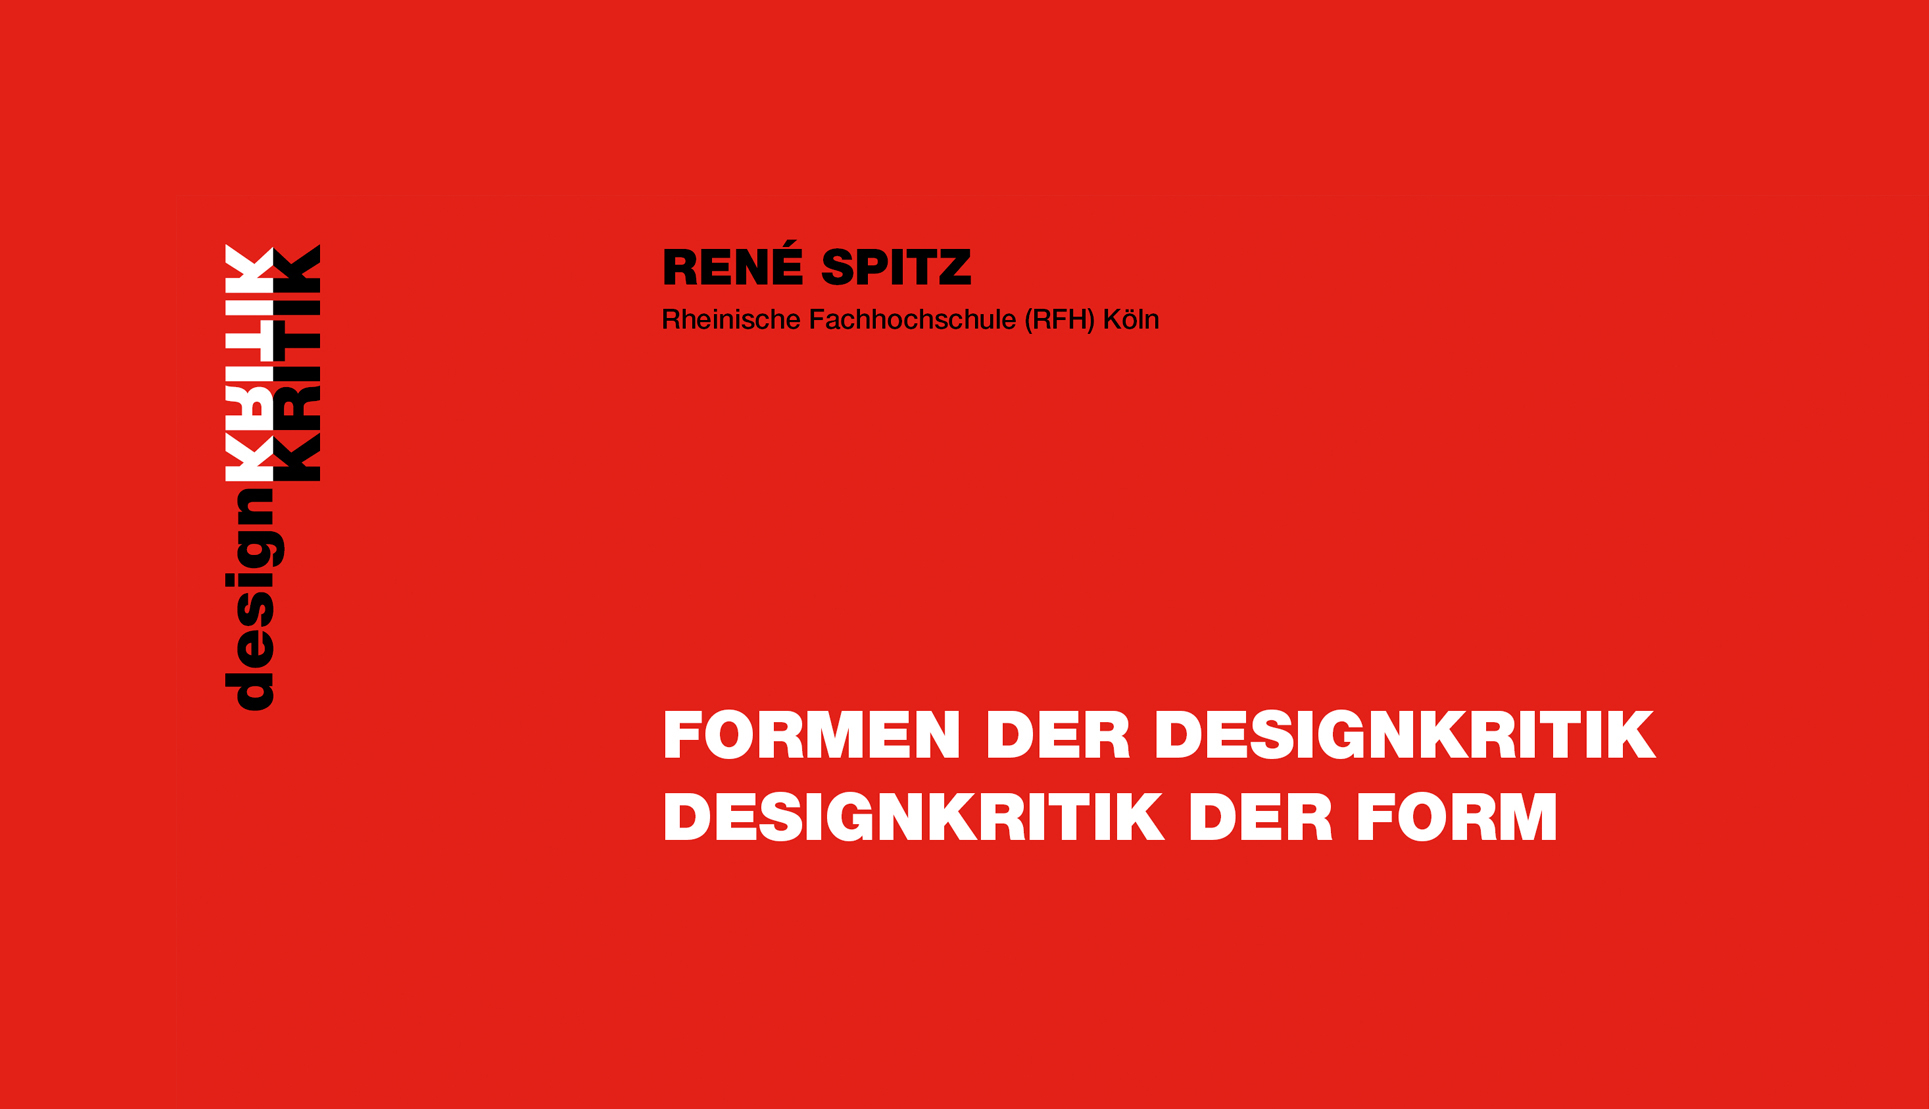 170519_Designgeschichte_ReneSpitz_FormenDesignkritik_00